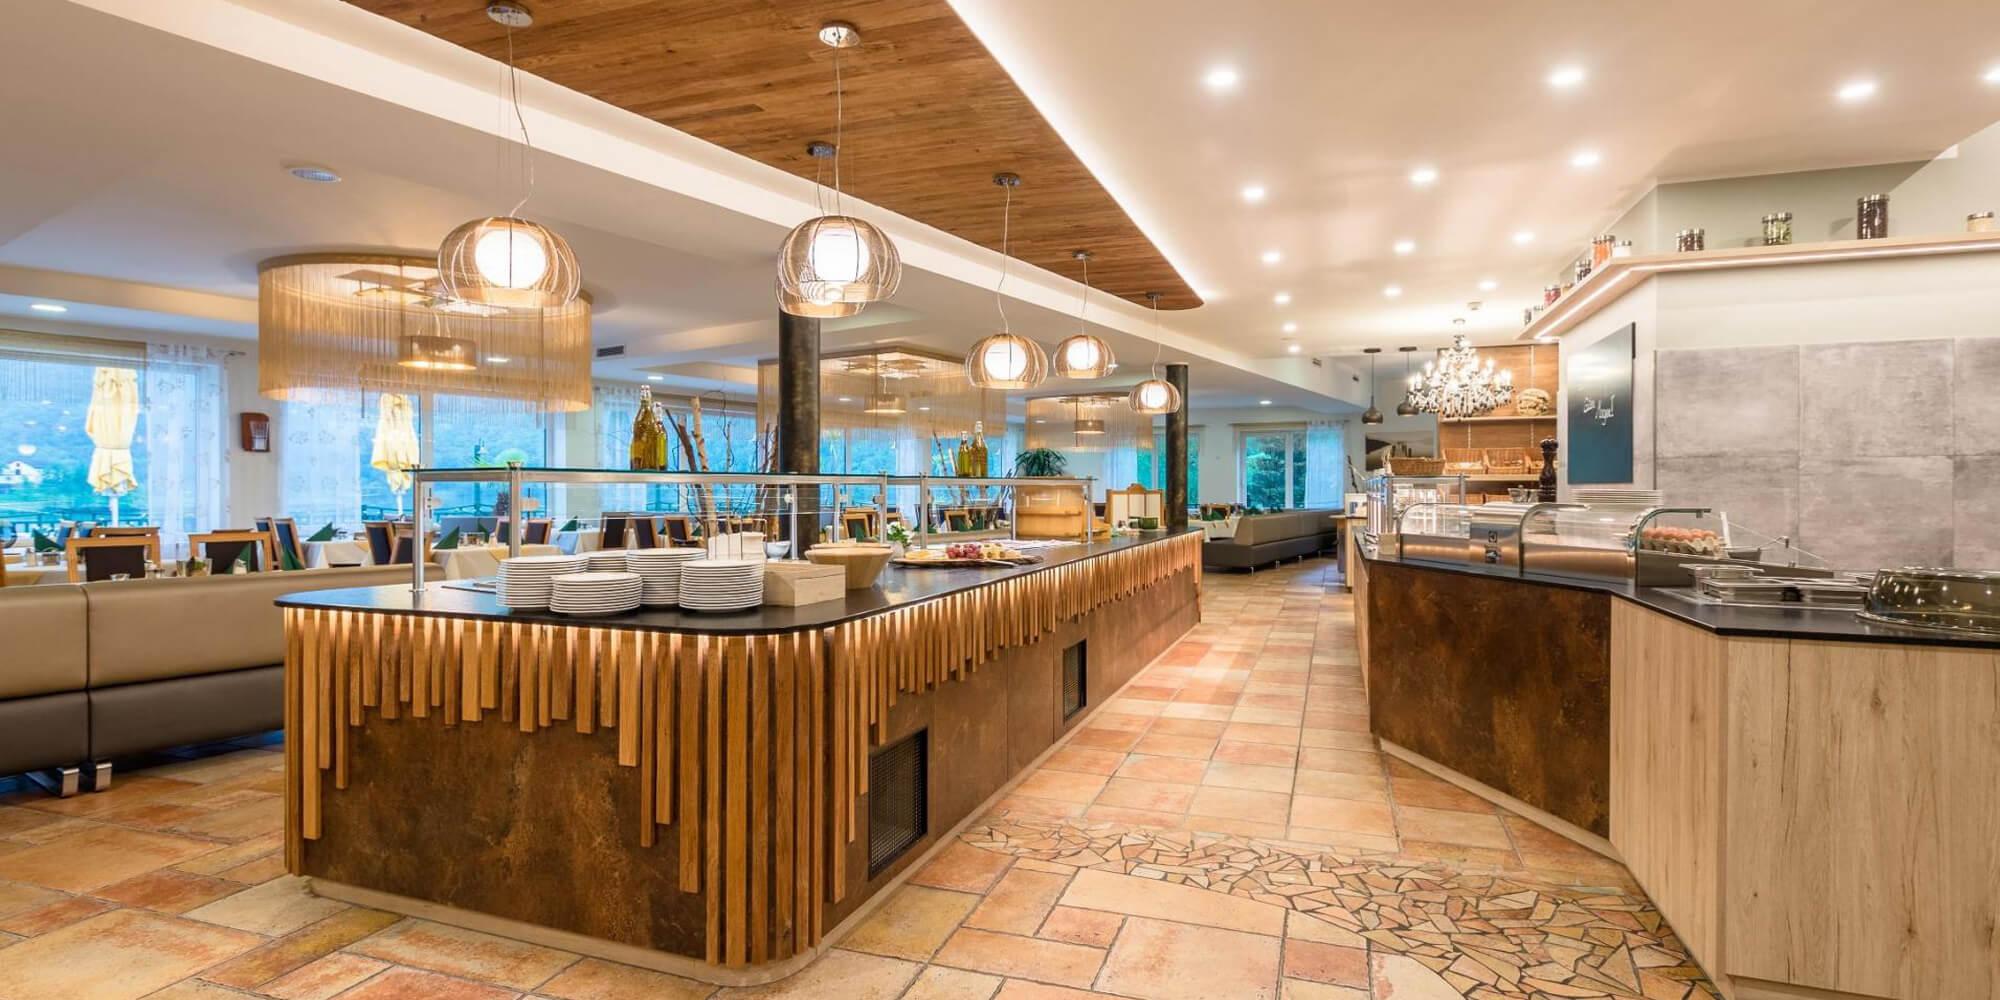 Crea-Plan-Design-Rauch-Frühmann-Architektur-Innenarchitektur-Design-Projekt-Referenz-Hotelerie-Gastronomie-Hotel-Donauschlinge-Buffet